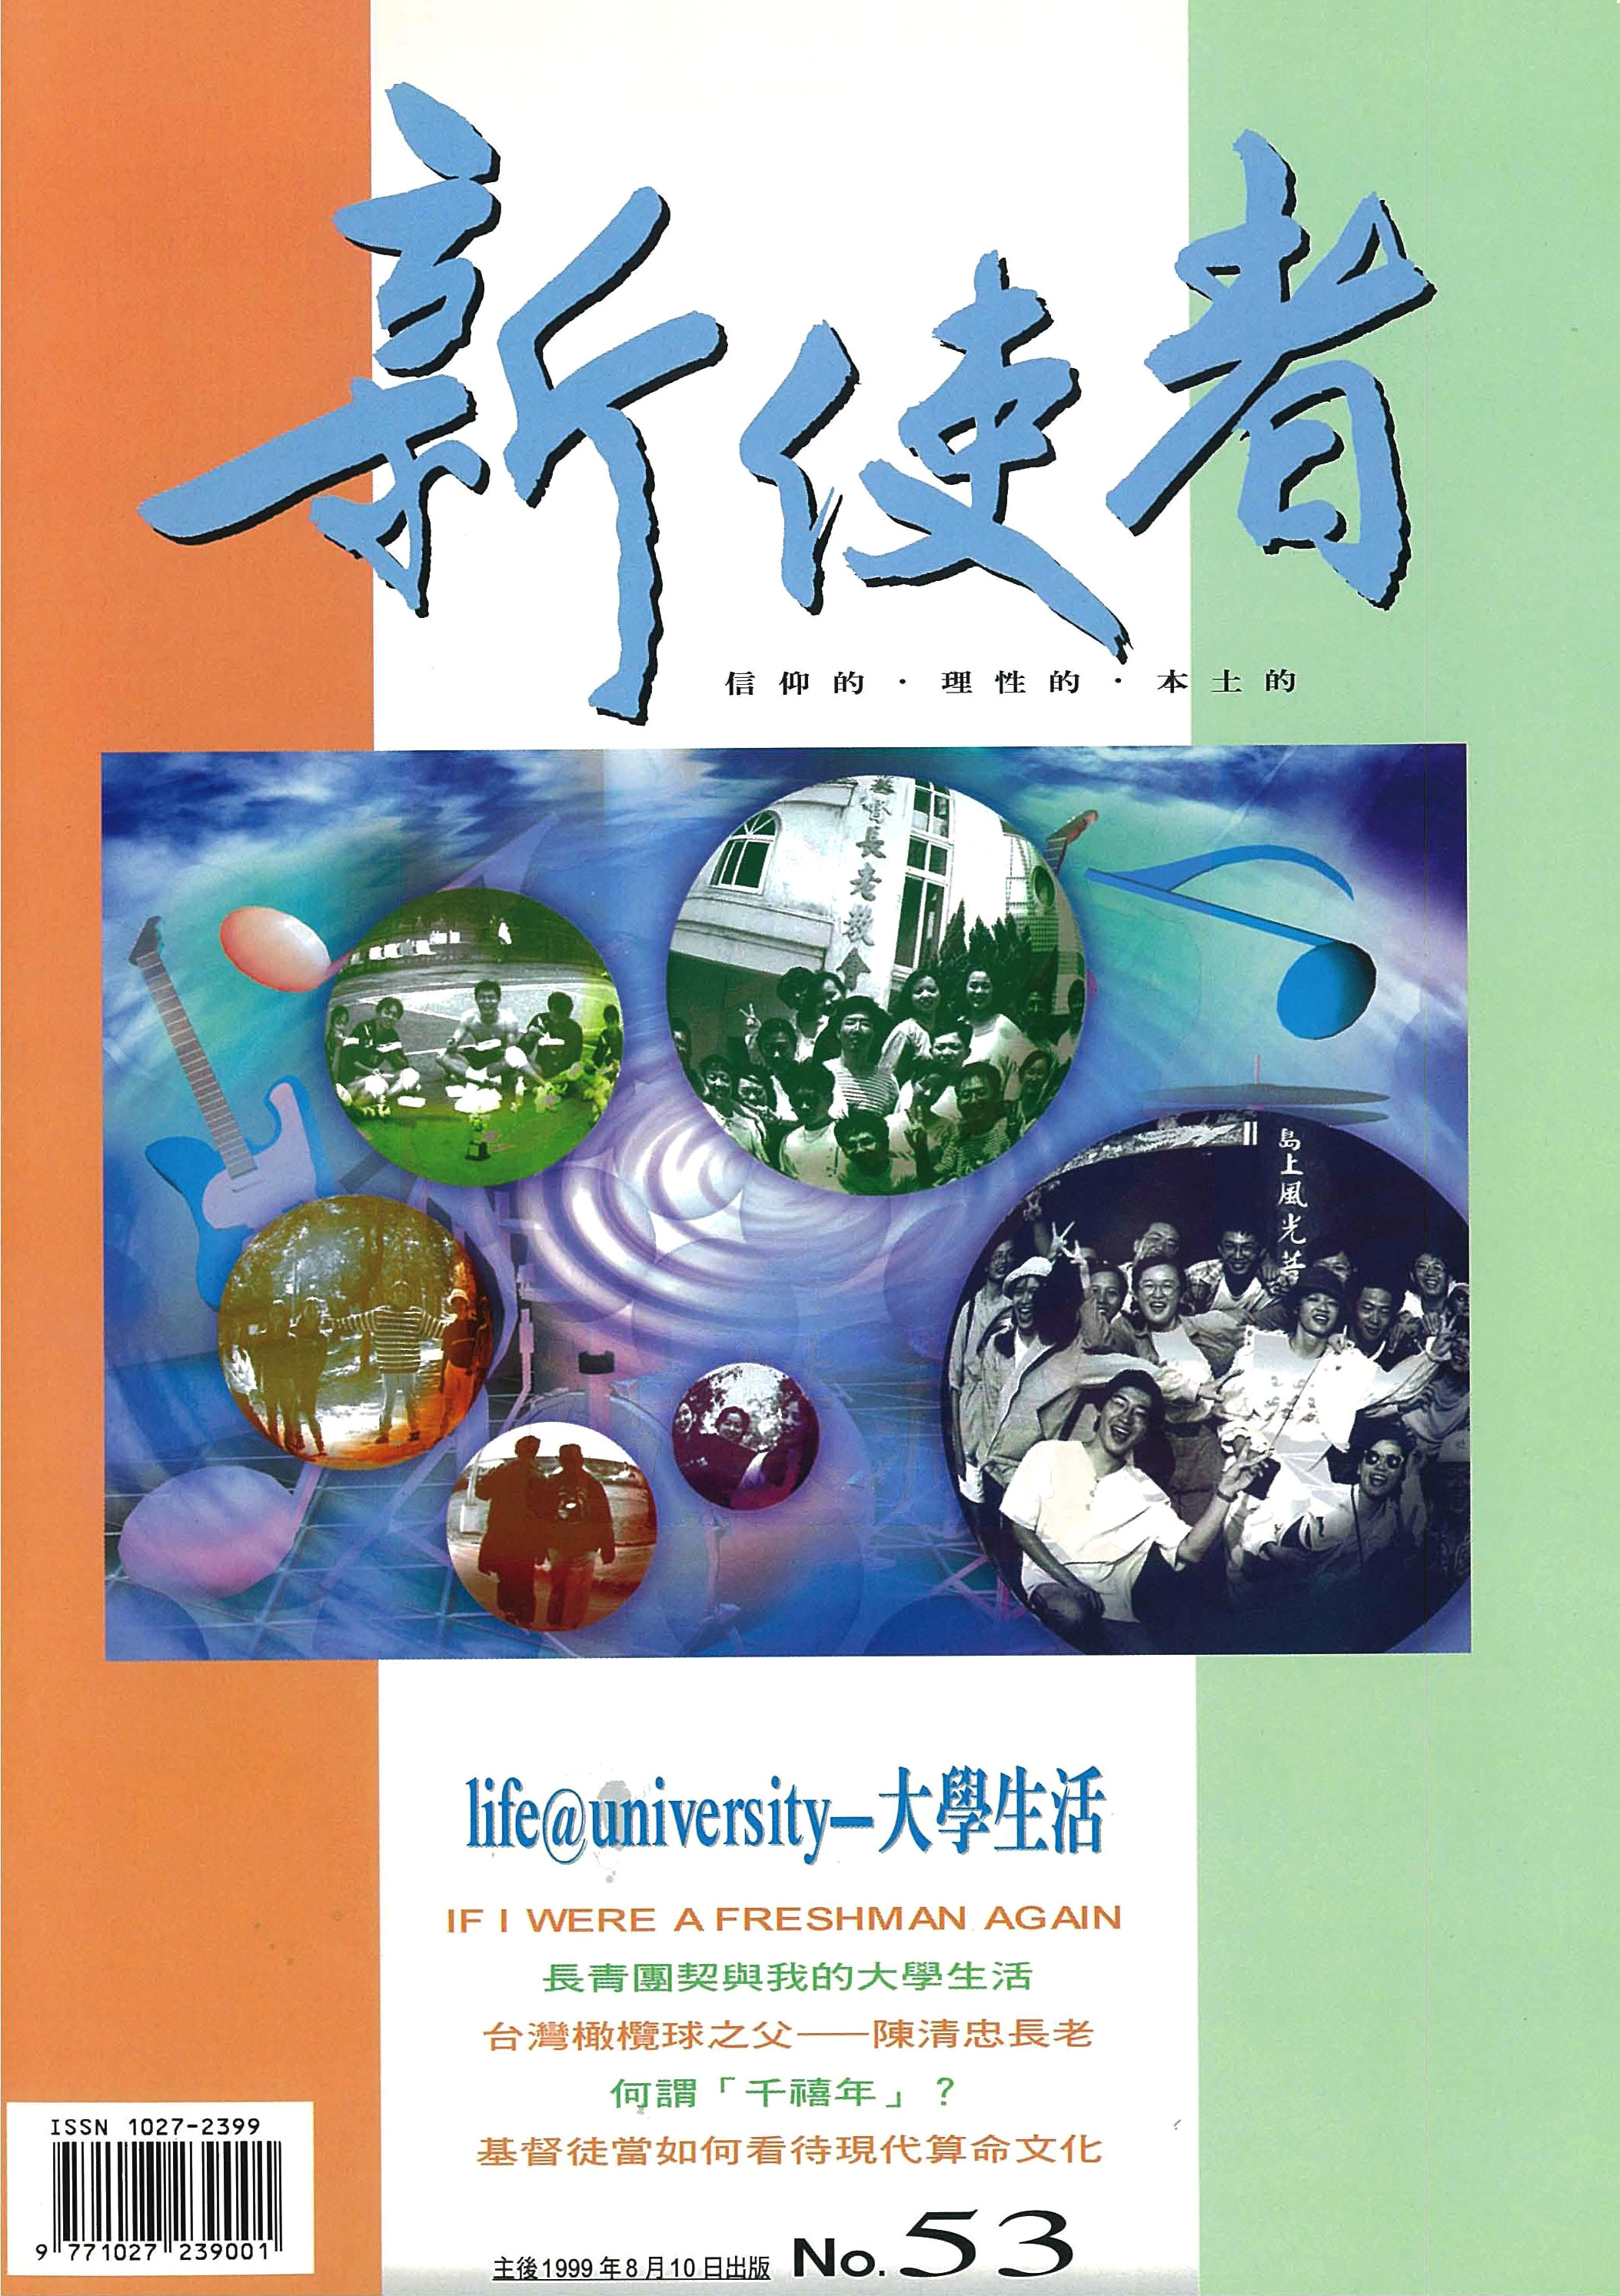 新使者雜誌 The New Messenger  53期  1999年  8月 life@university-大學生活